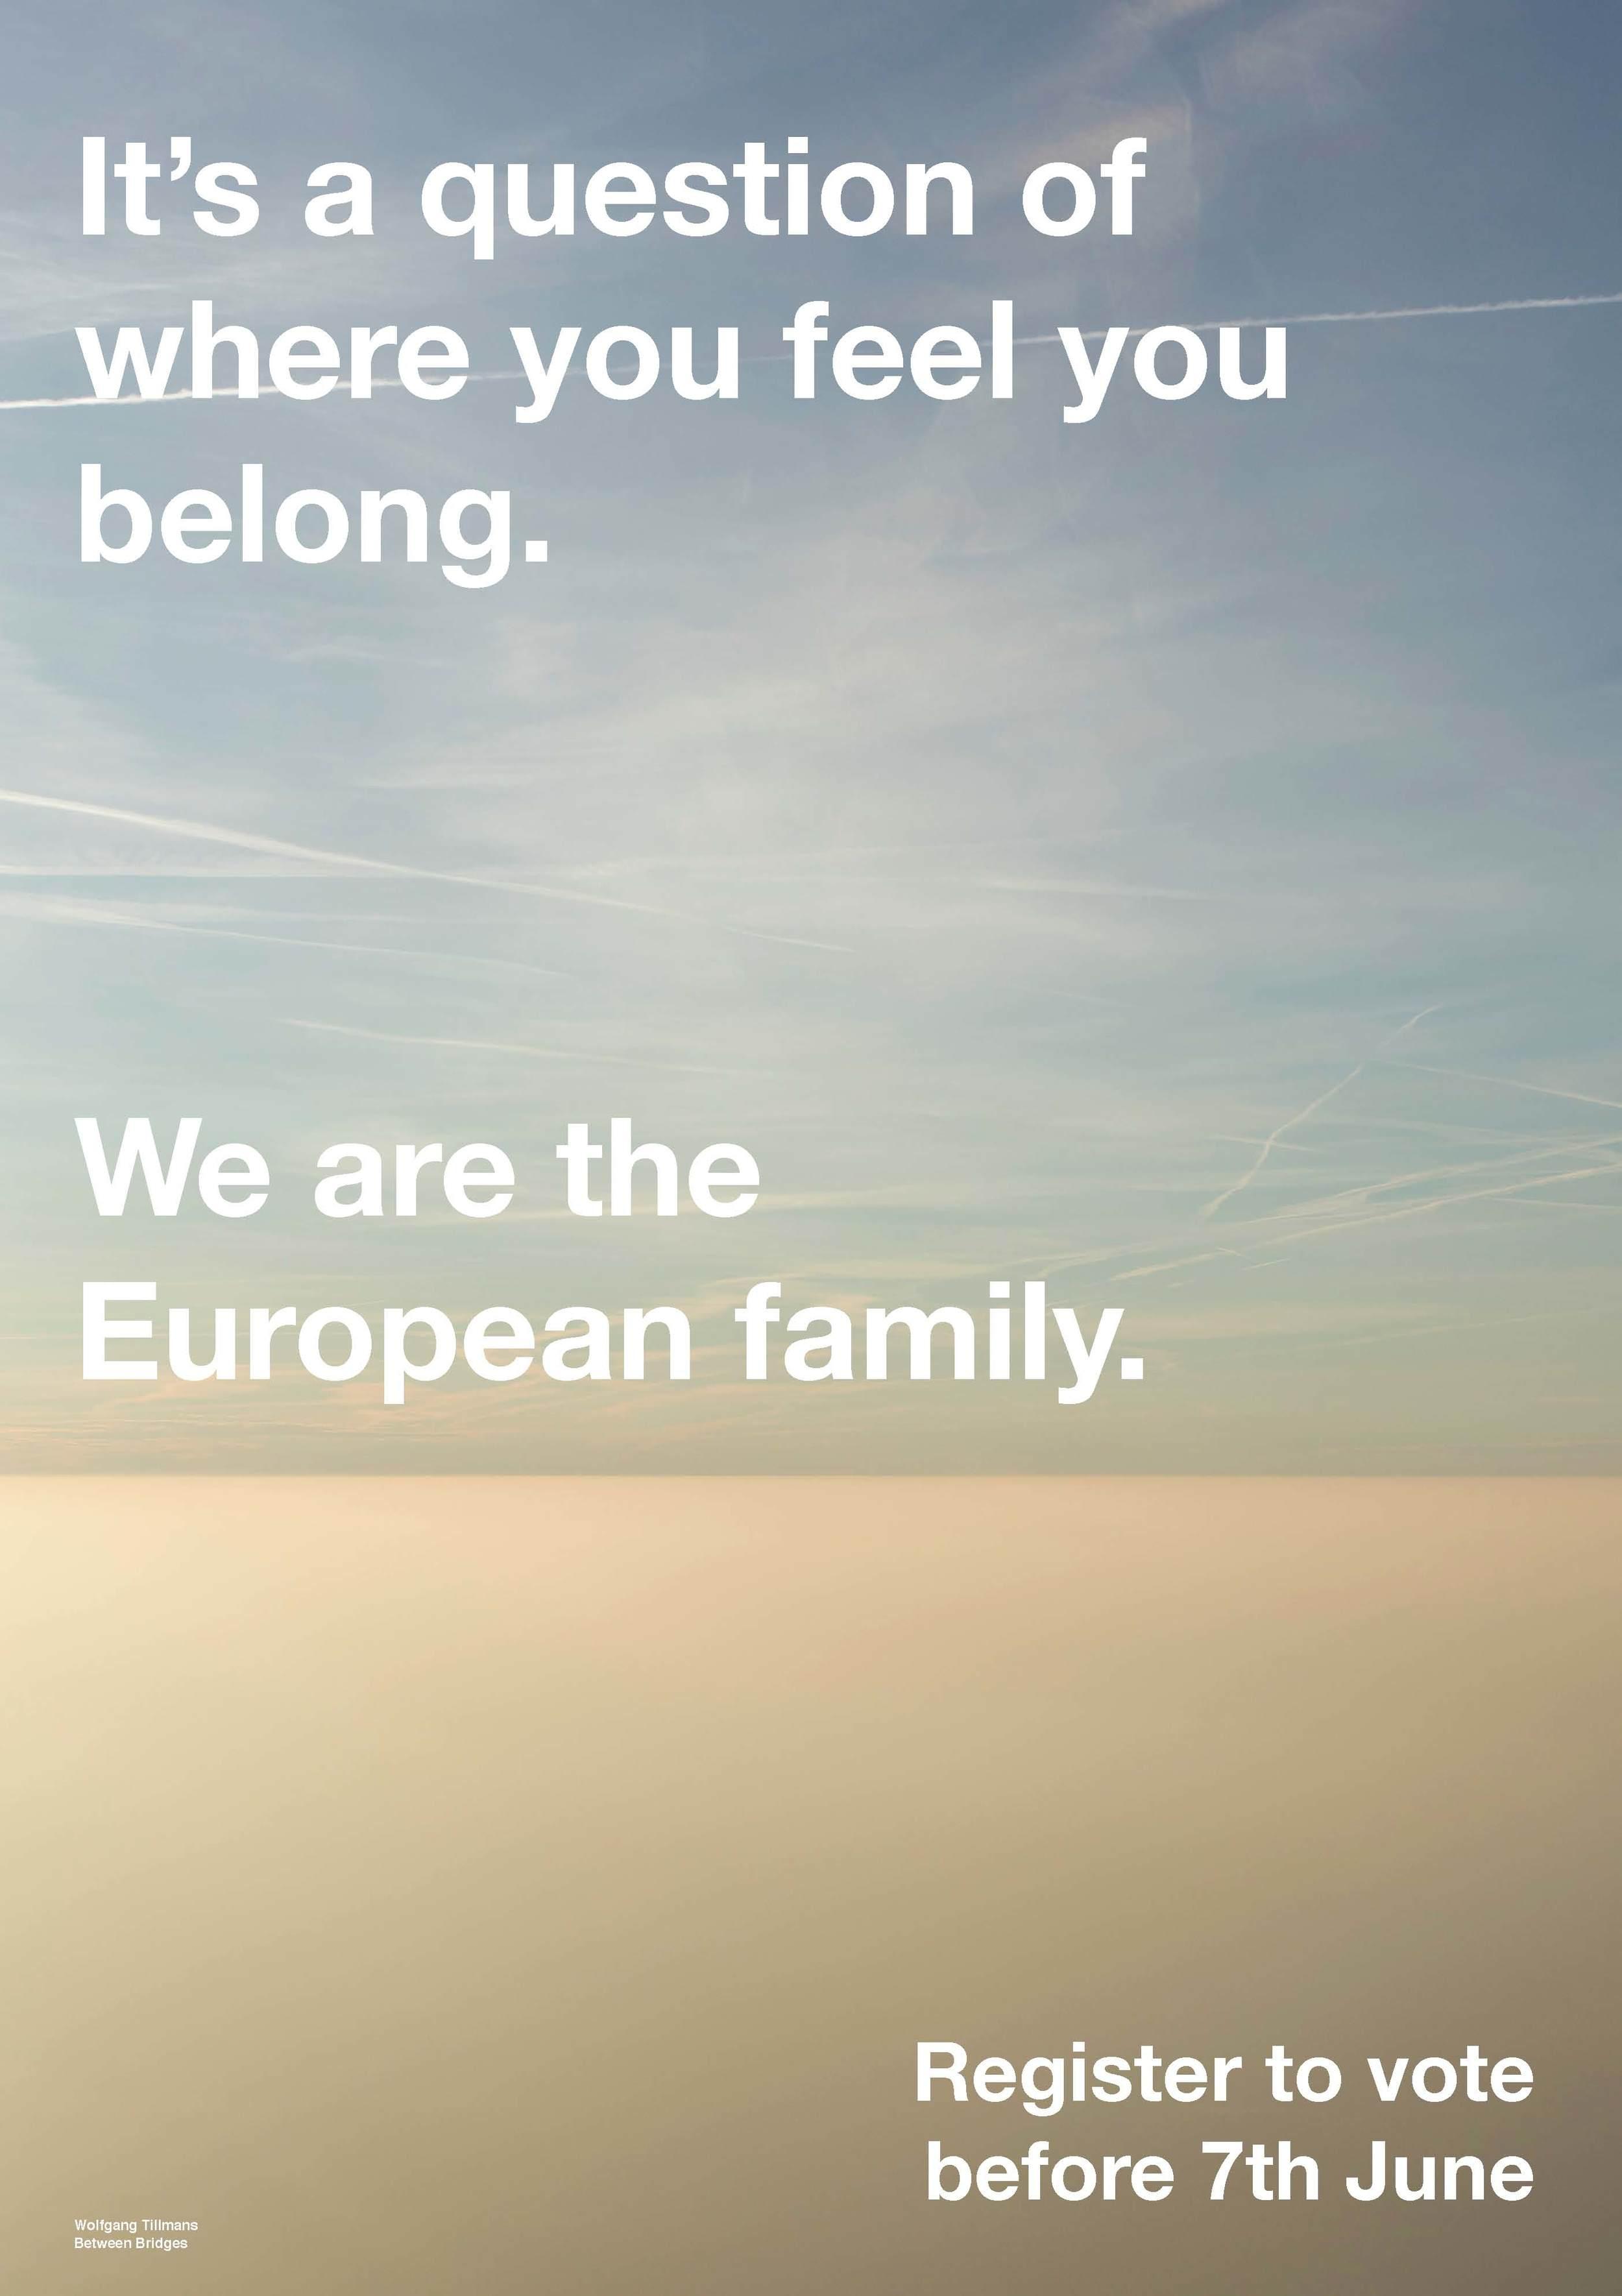 EU Campaign Wolfgang Tillmans - Between Bridges_26.04_Page_02.jpg